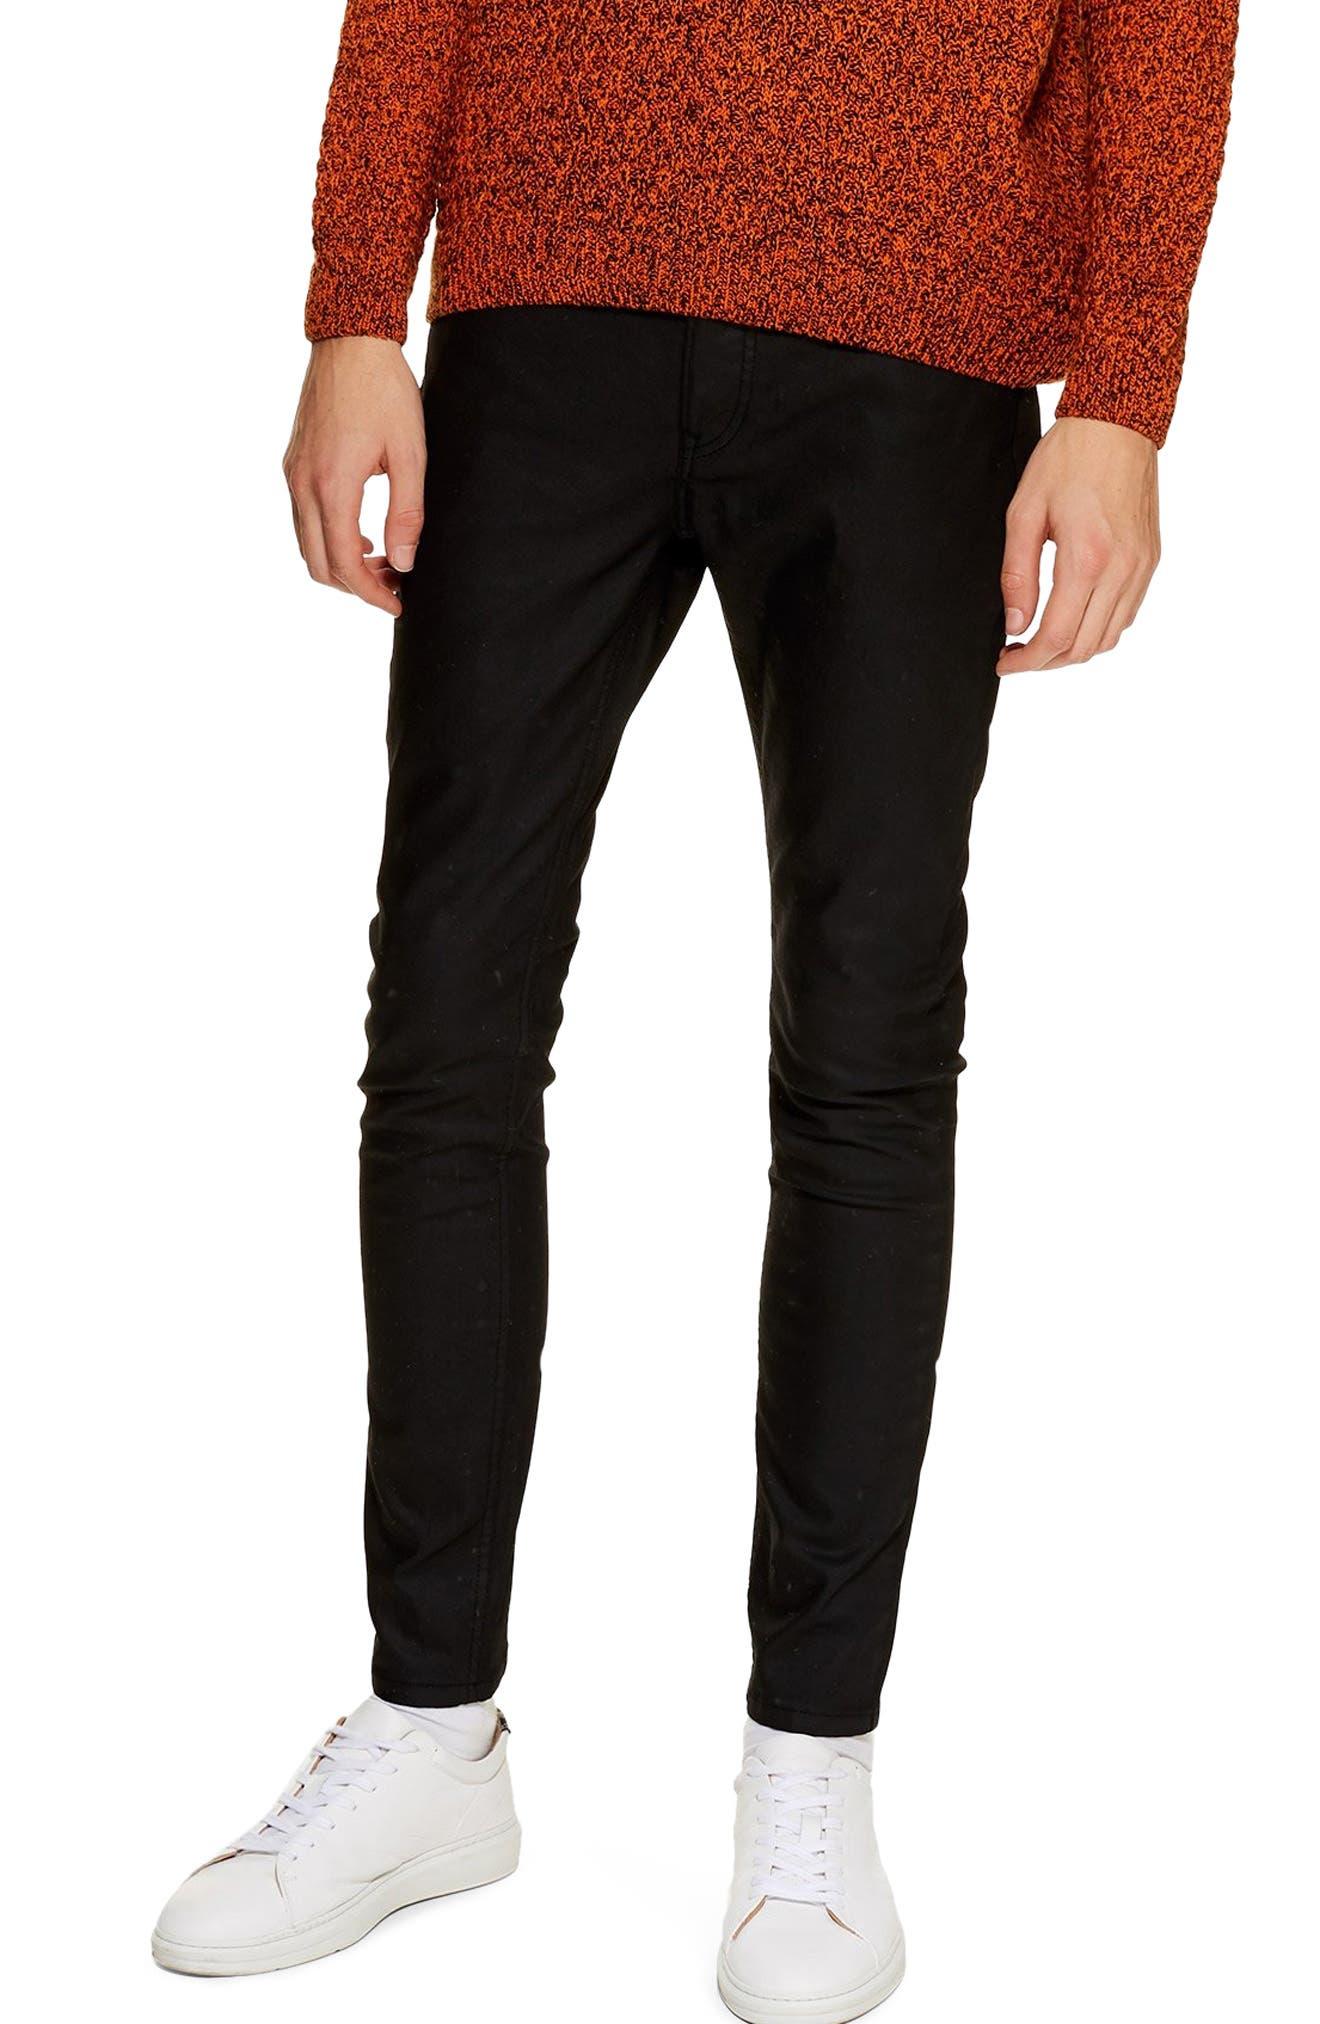 TOPMAN, Coated Denim Skinny Jeans, Main thumbnail 1, color, BLACK